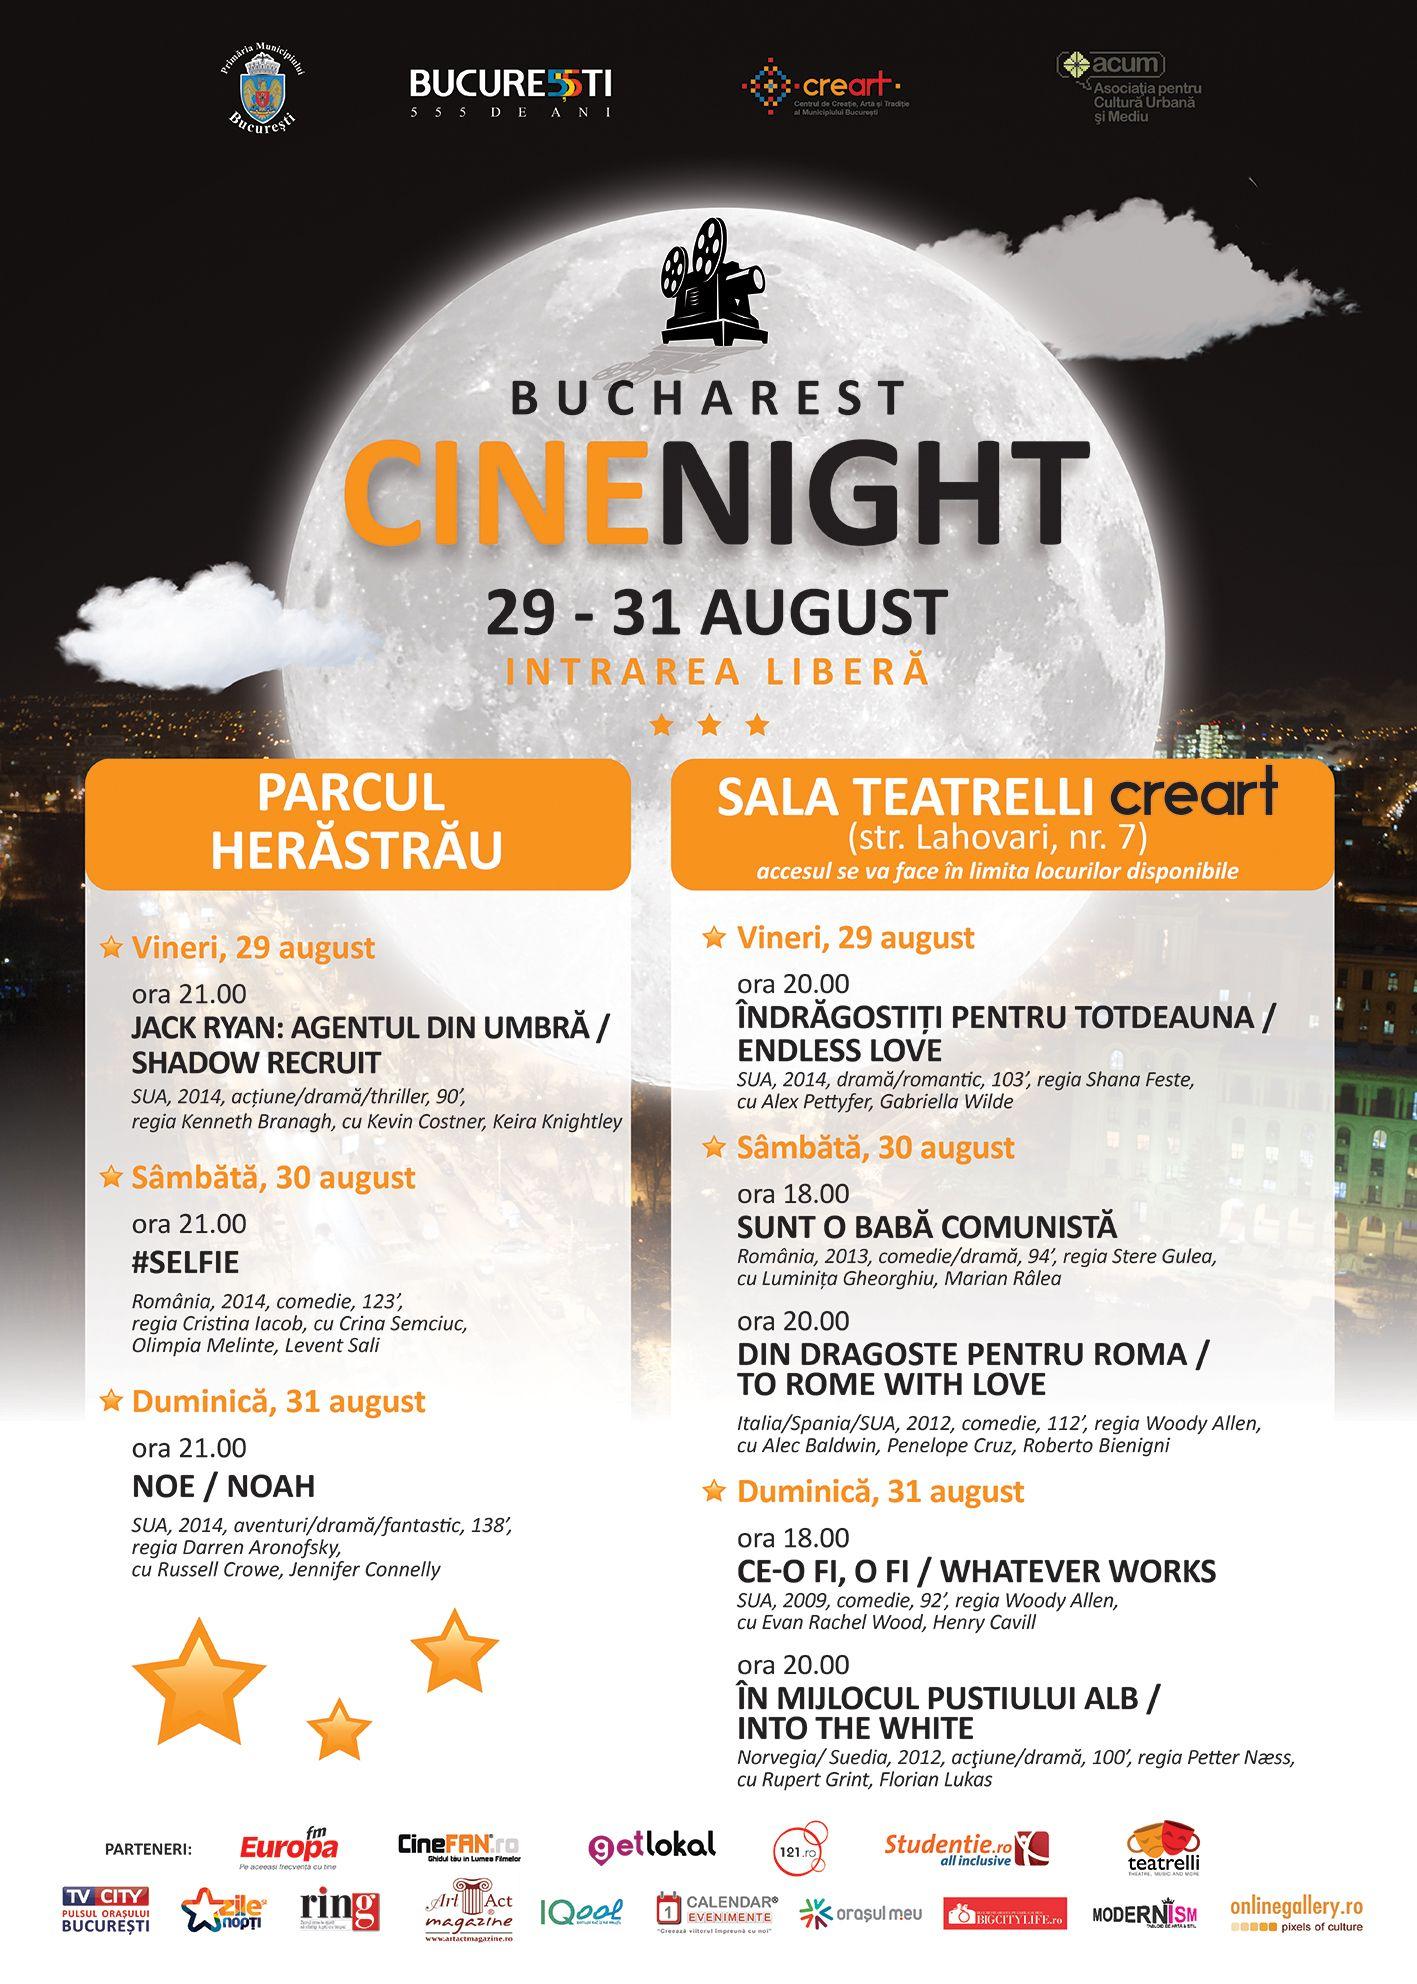 Bucharest CineNight